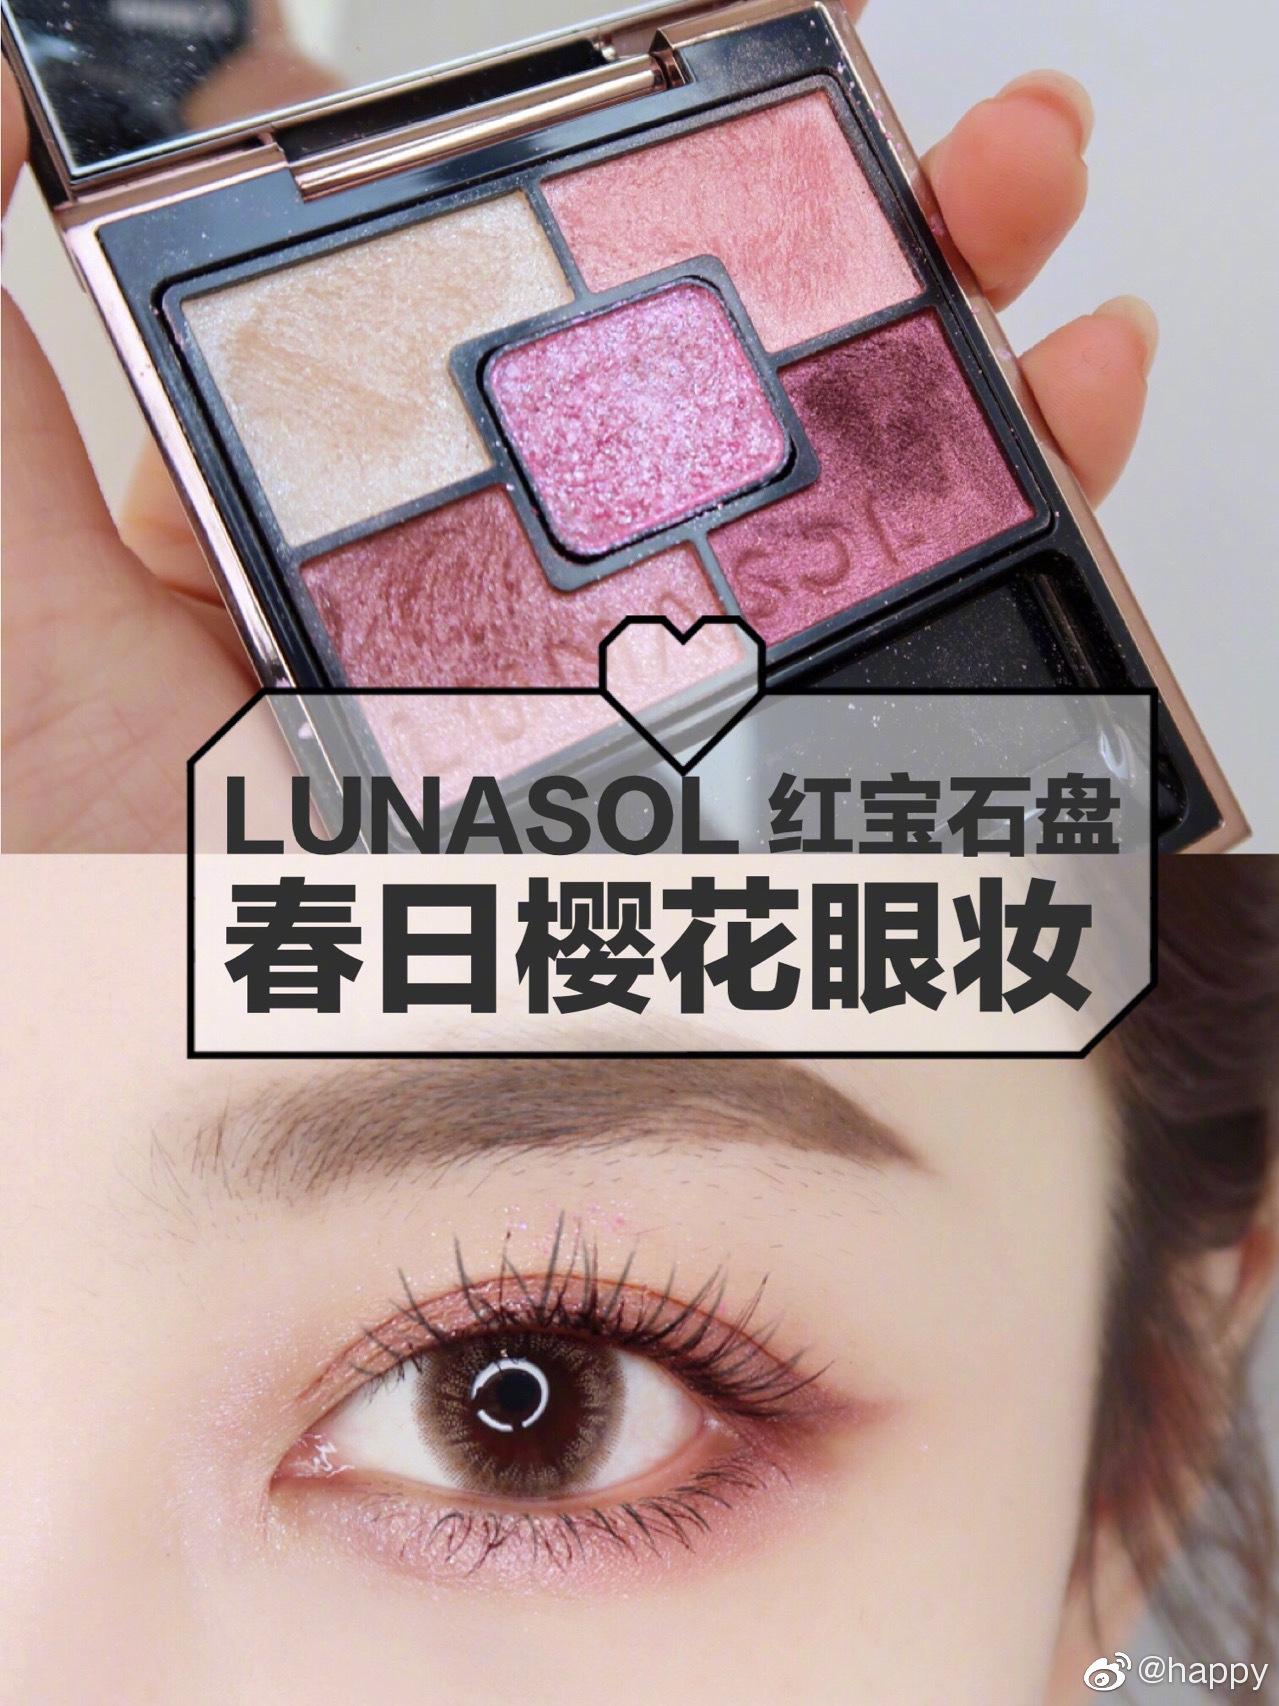 Lunasol红宝石盘💎 这几天琢磨搞个樱花妆又把它翻了出来试了试发